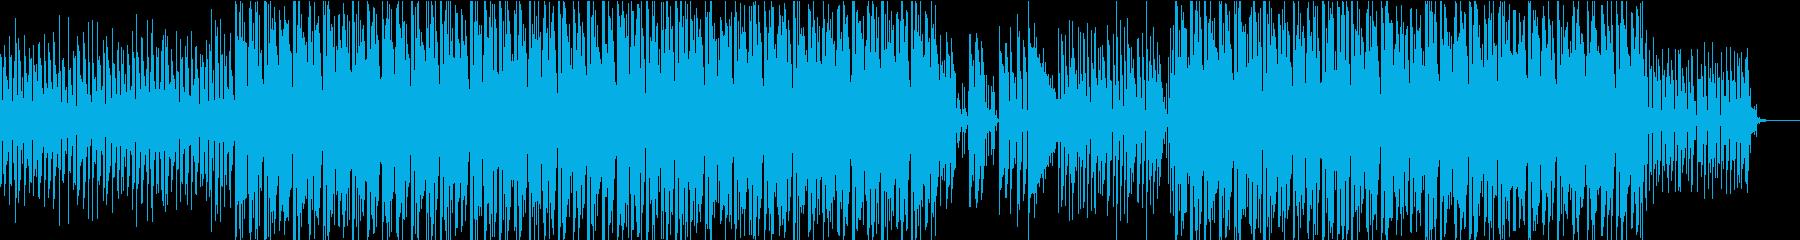 レトロなシンセサウンドとよりモダン...の再生済みの波形